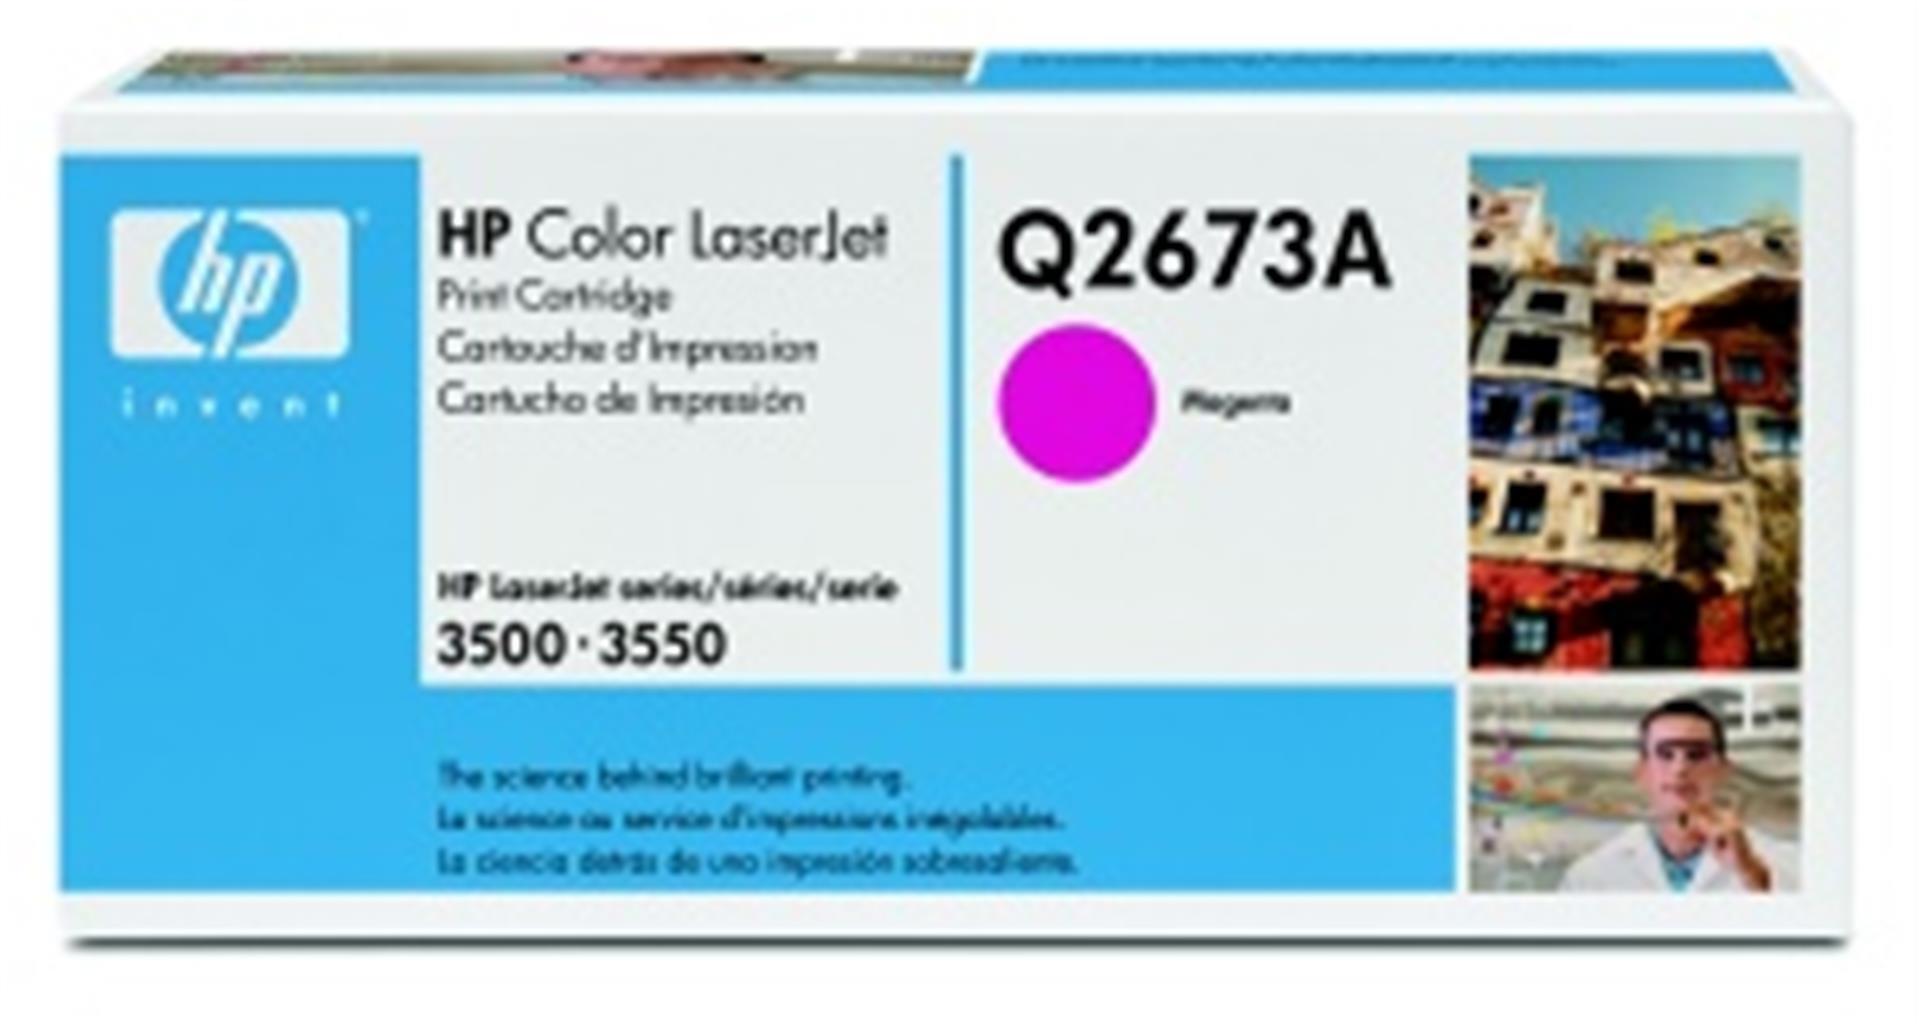 HP Color LaserJet purpurový toner, Q2673A